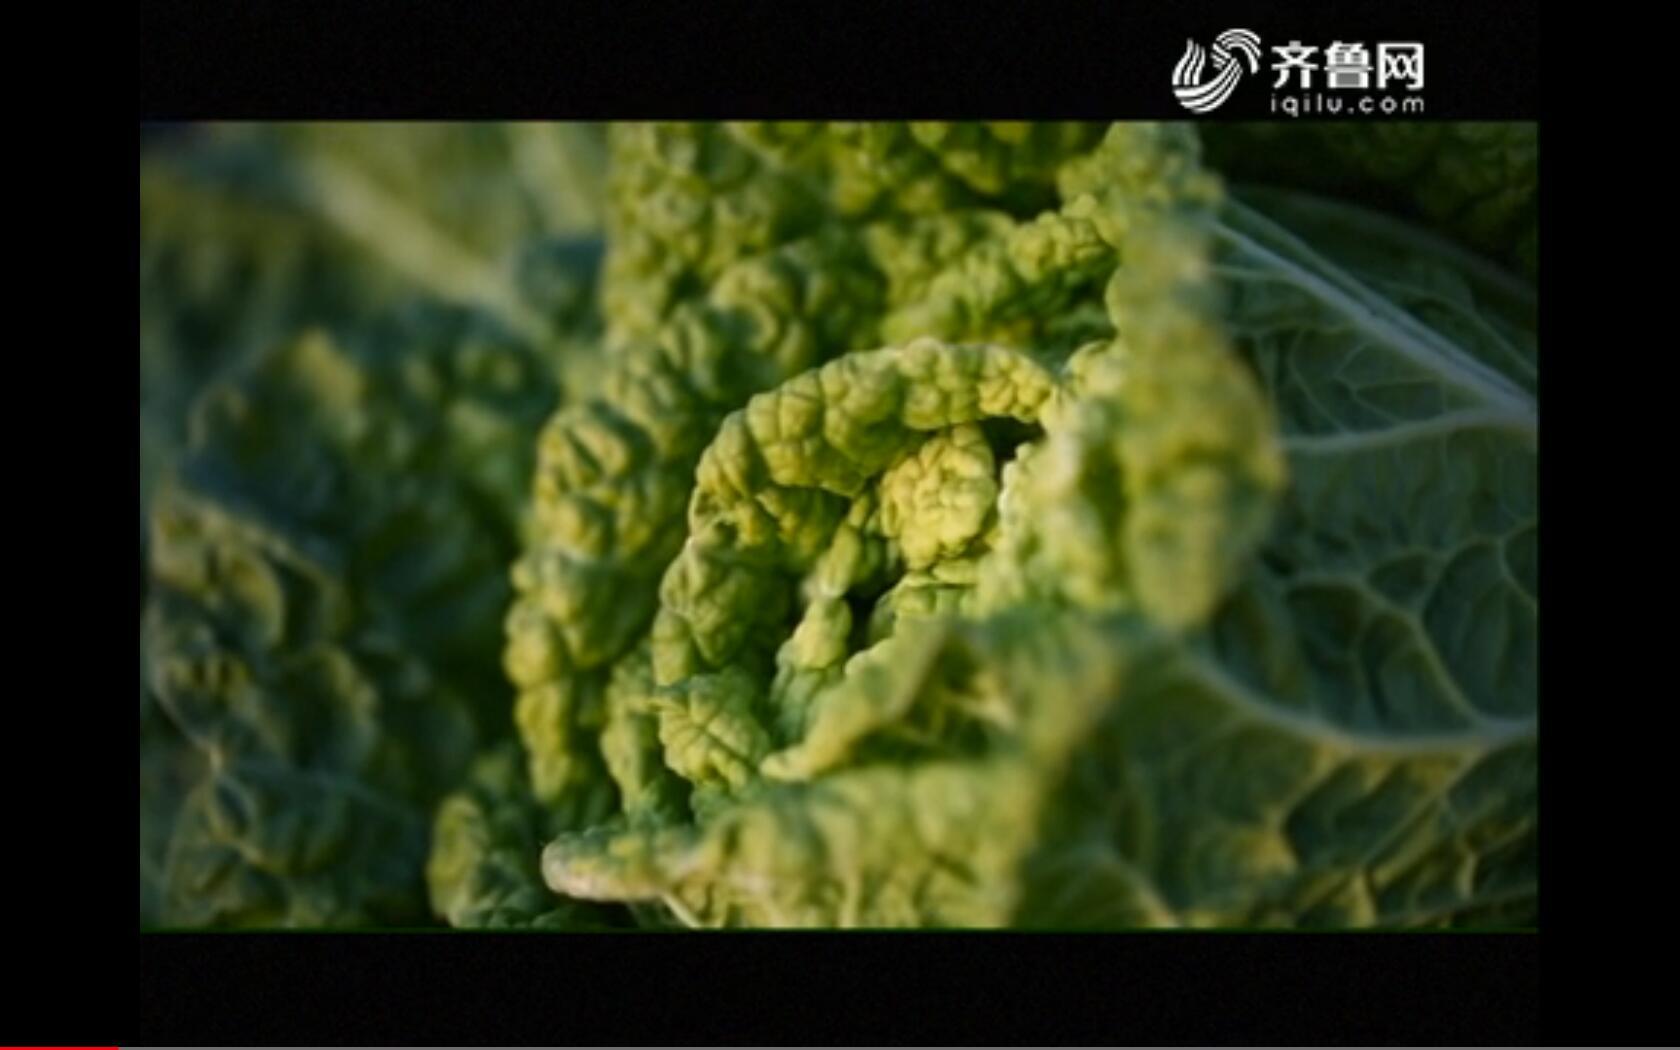 【品牌农业在山东】胶州大白菜